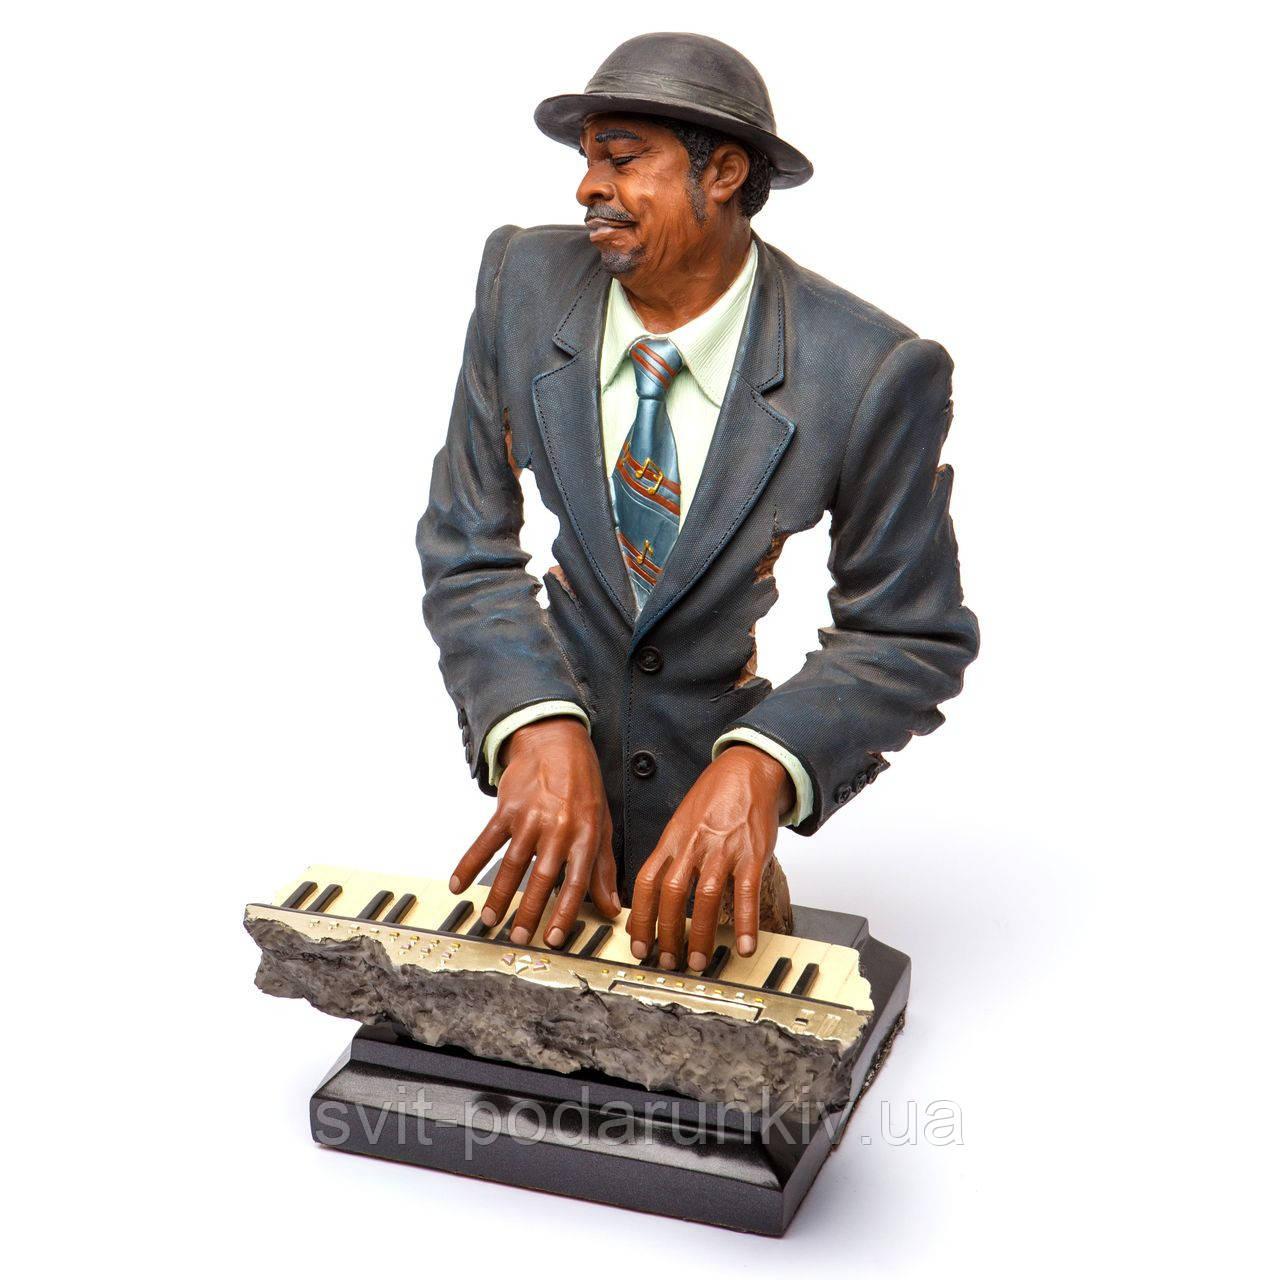 Статуэтка пианиста джазовый музыкант играет на клавишах S524